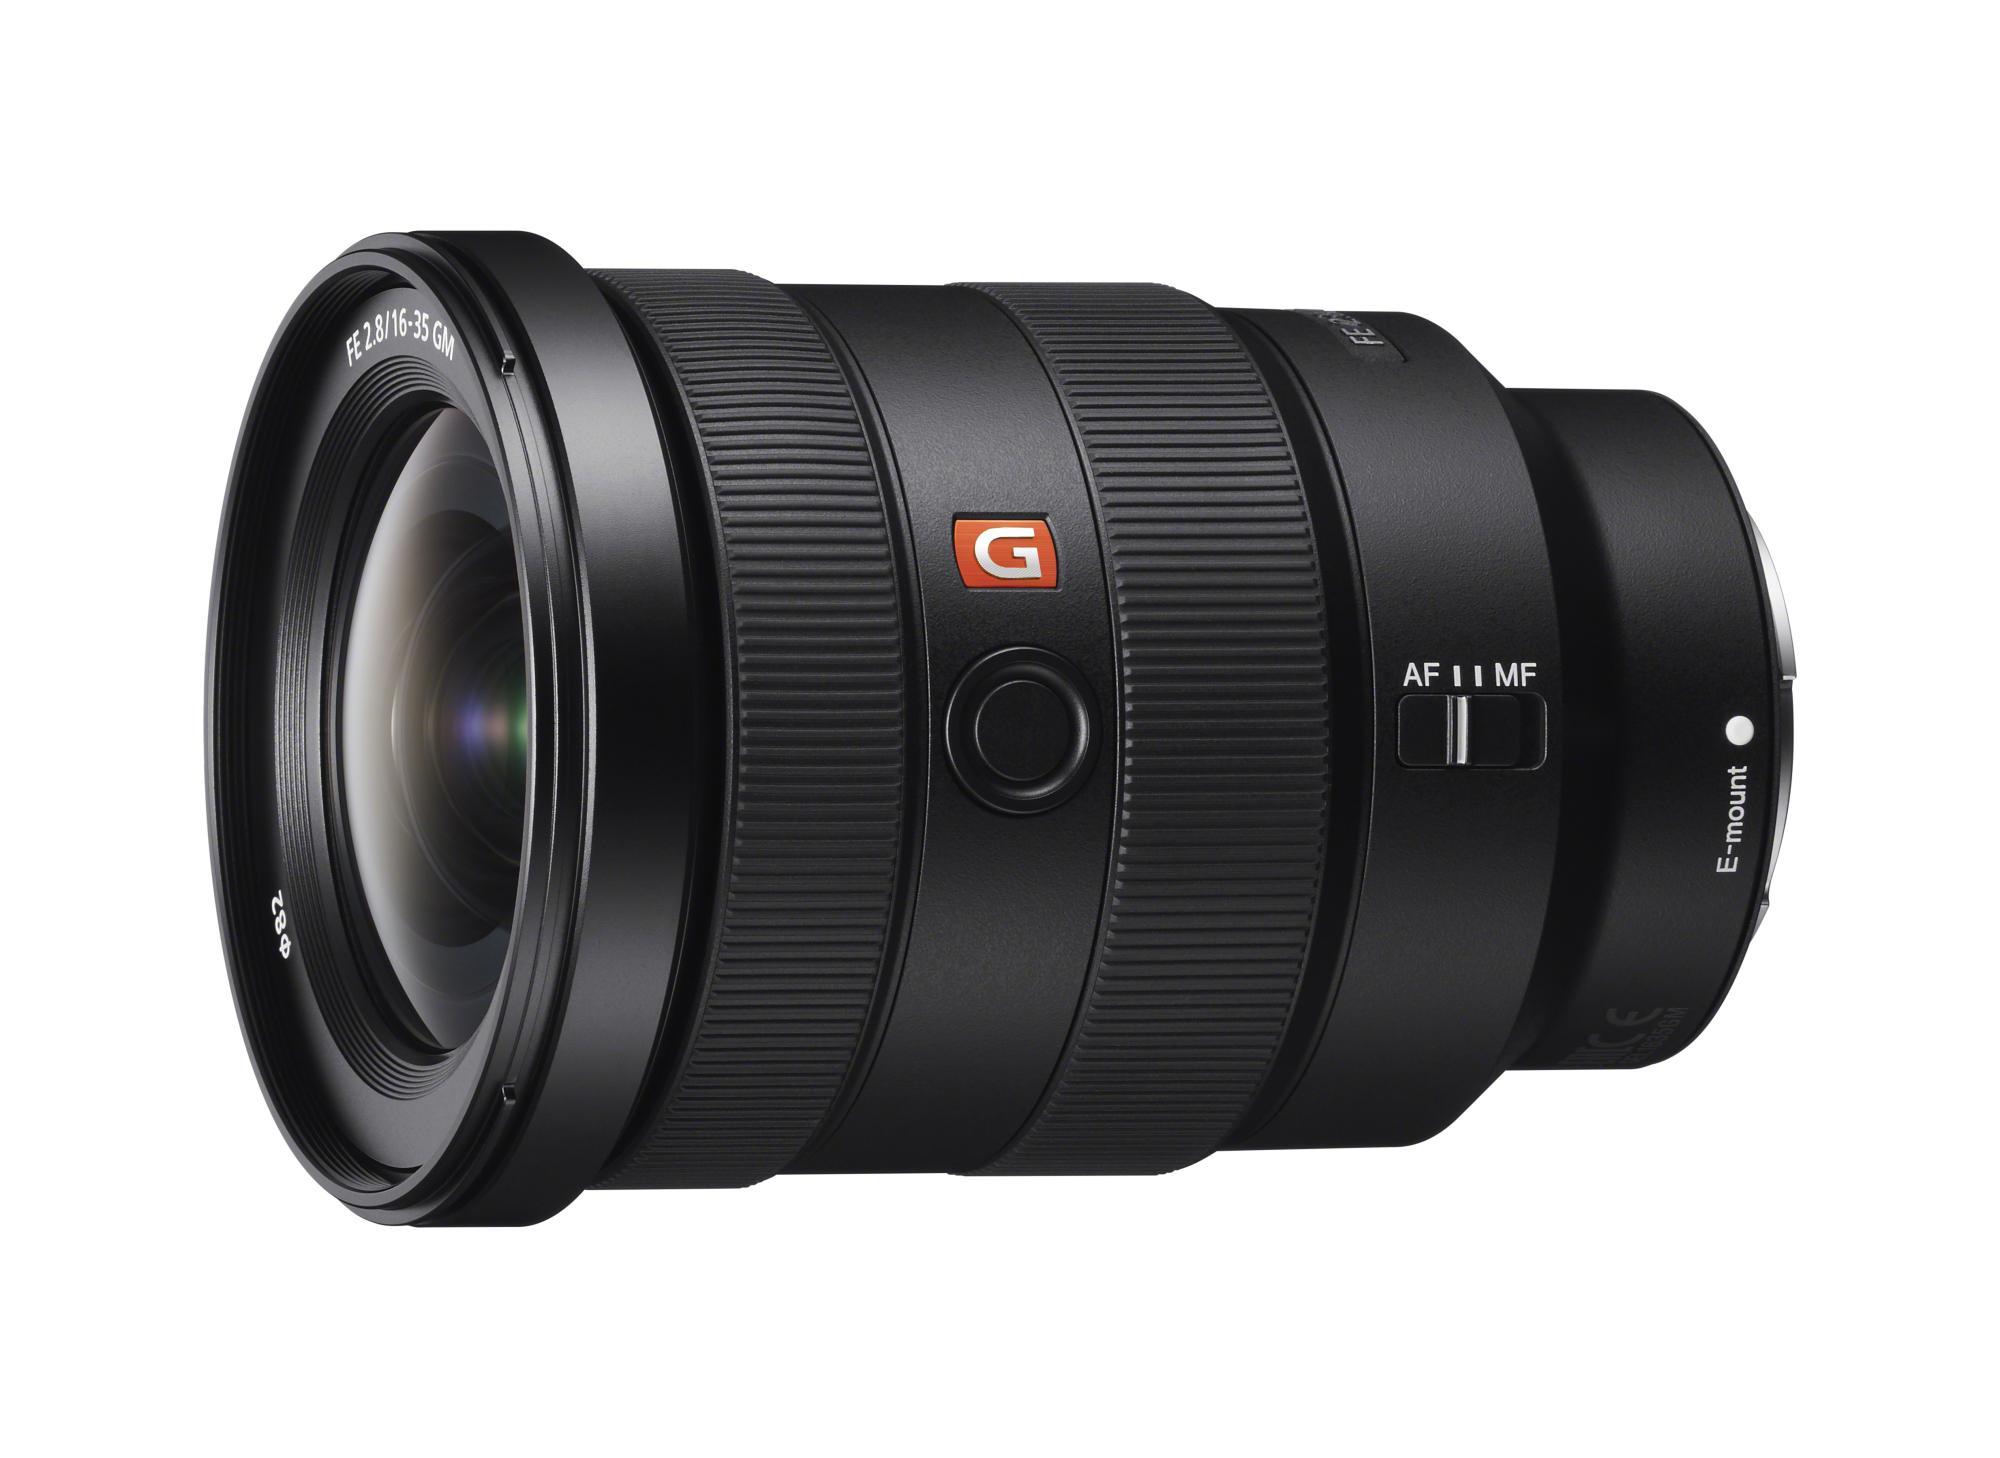 FE 16-35mm F2.8 GM ist das erste Weitwinkelobjektiv in Sonys G Master-Serie.